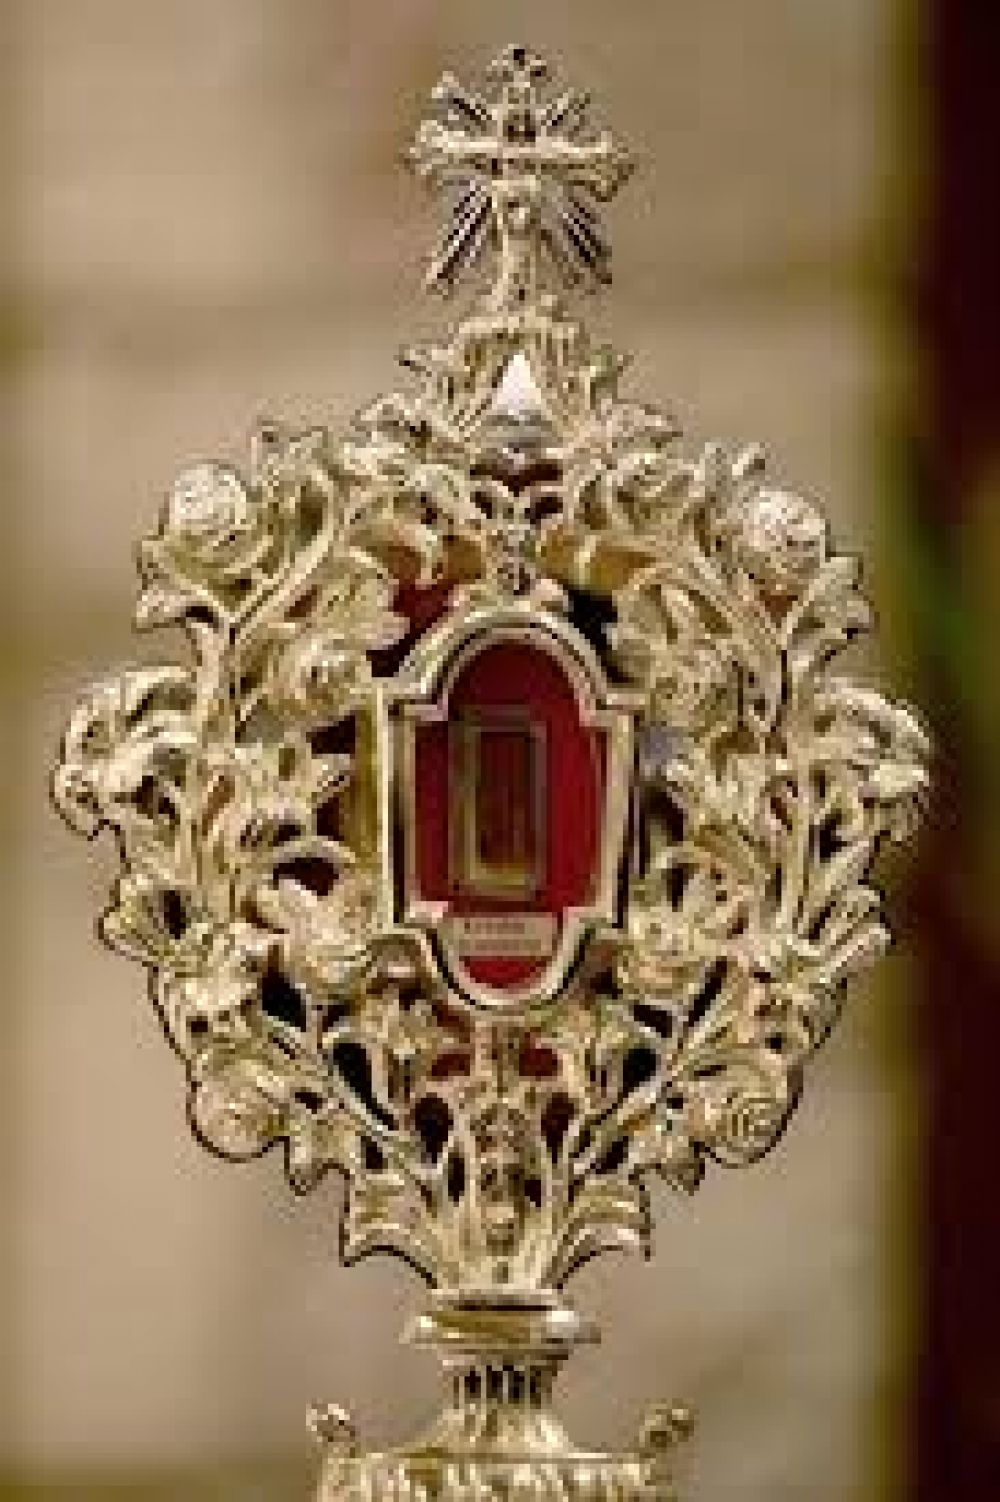 Reliquia del pesebre de Jesús regresó a Tierra Santa luego de 1.400 años